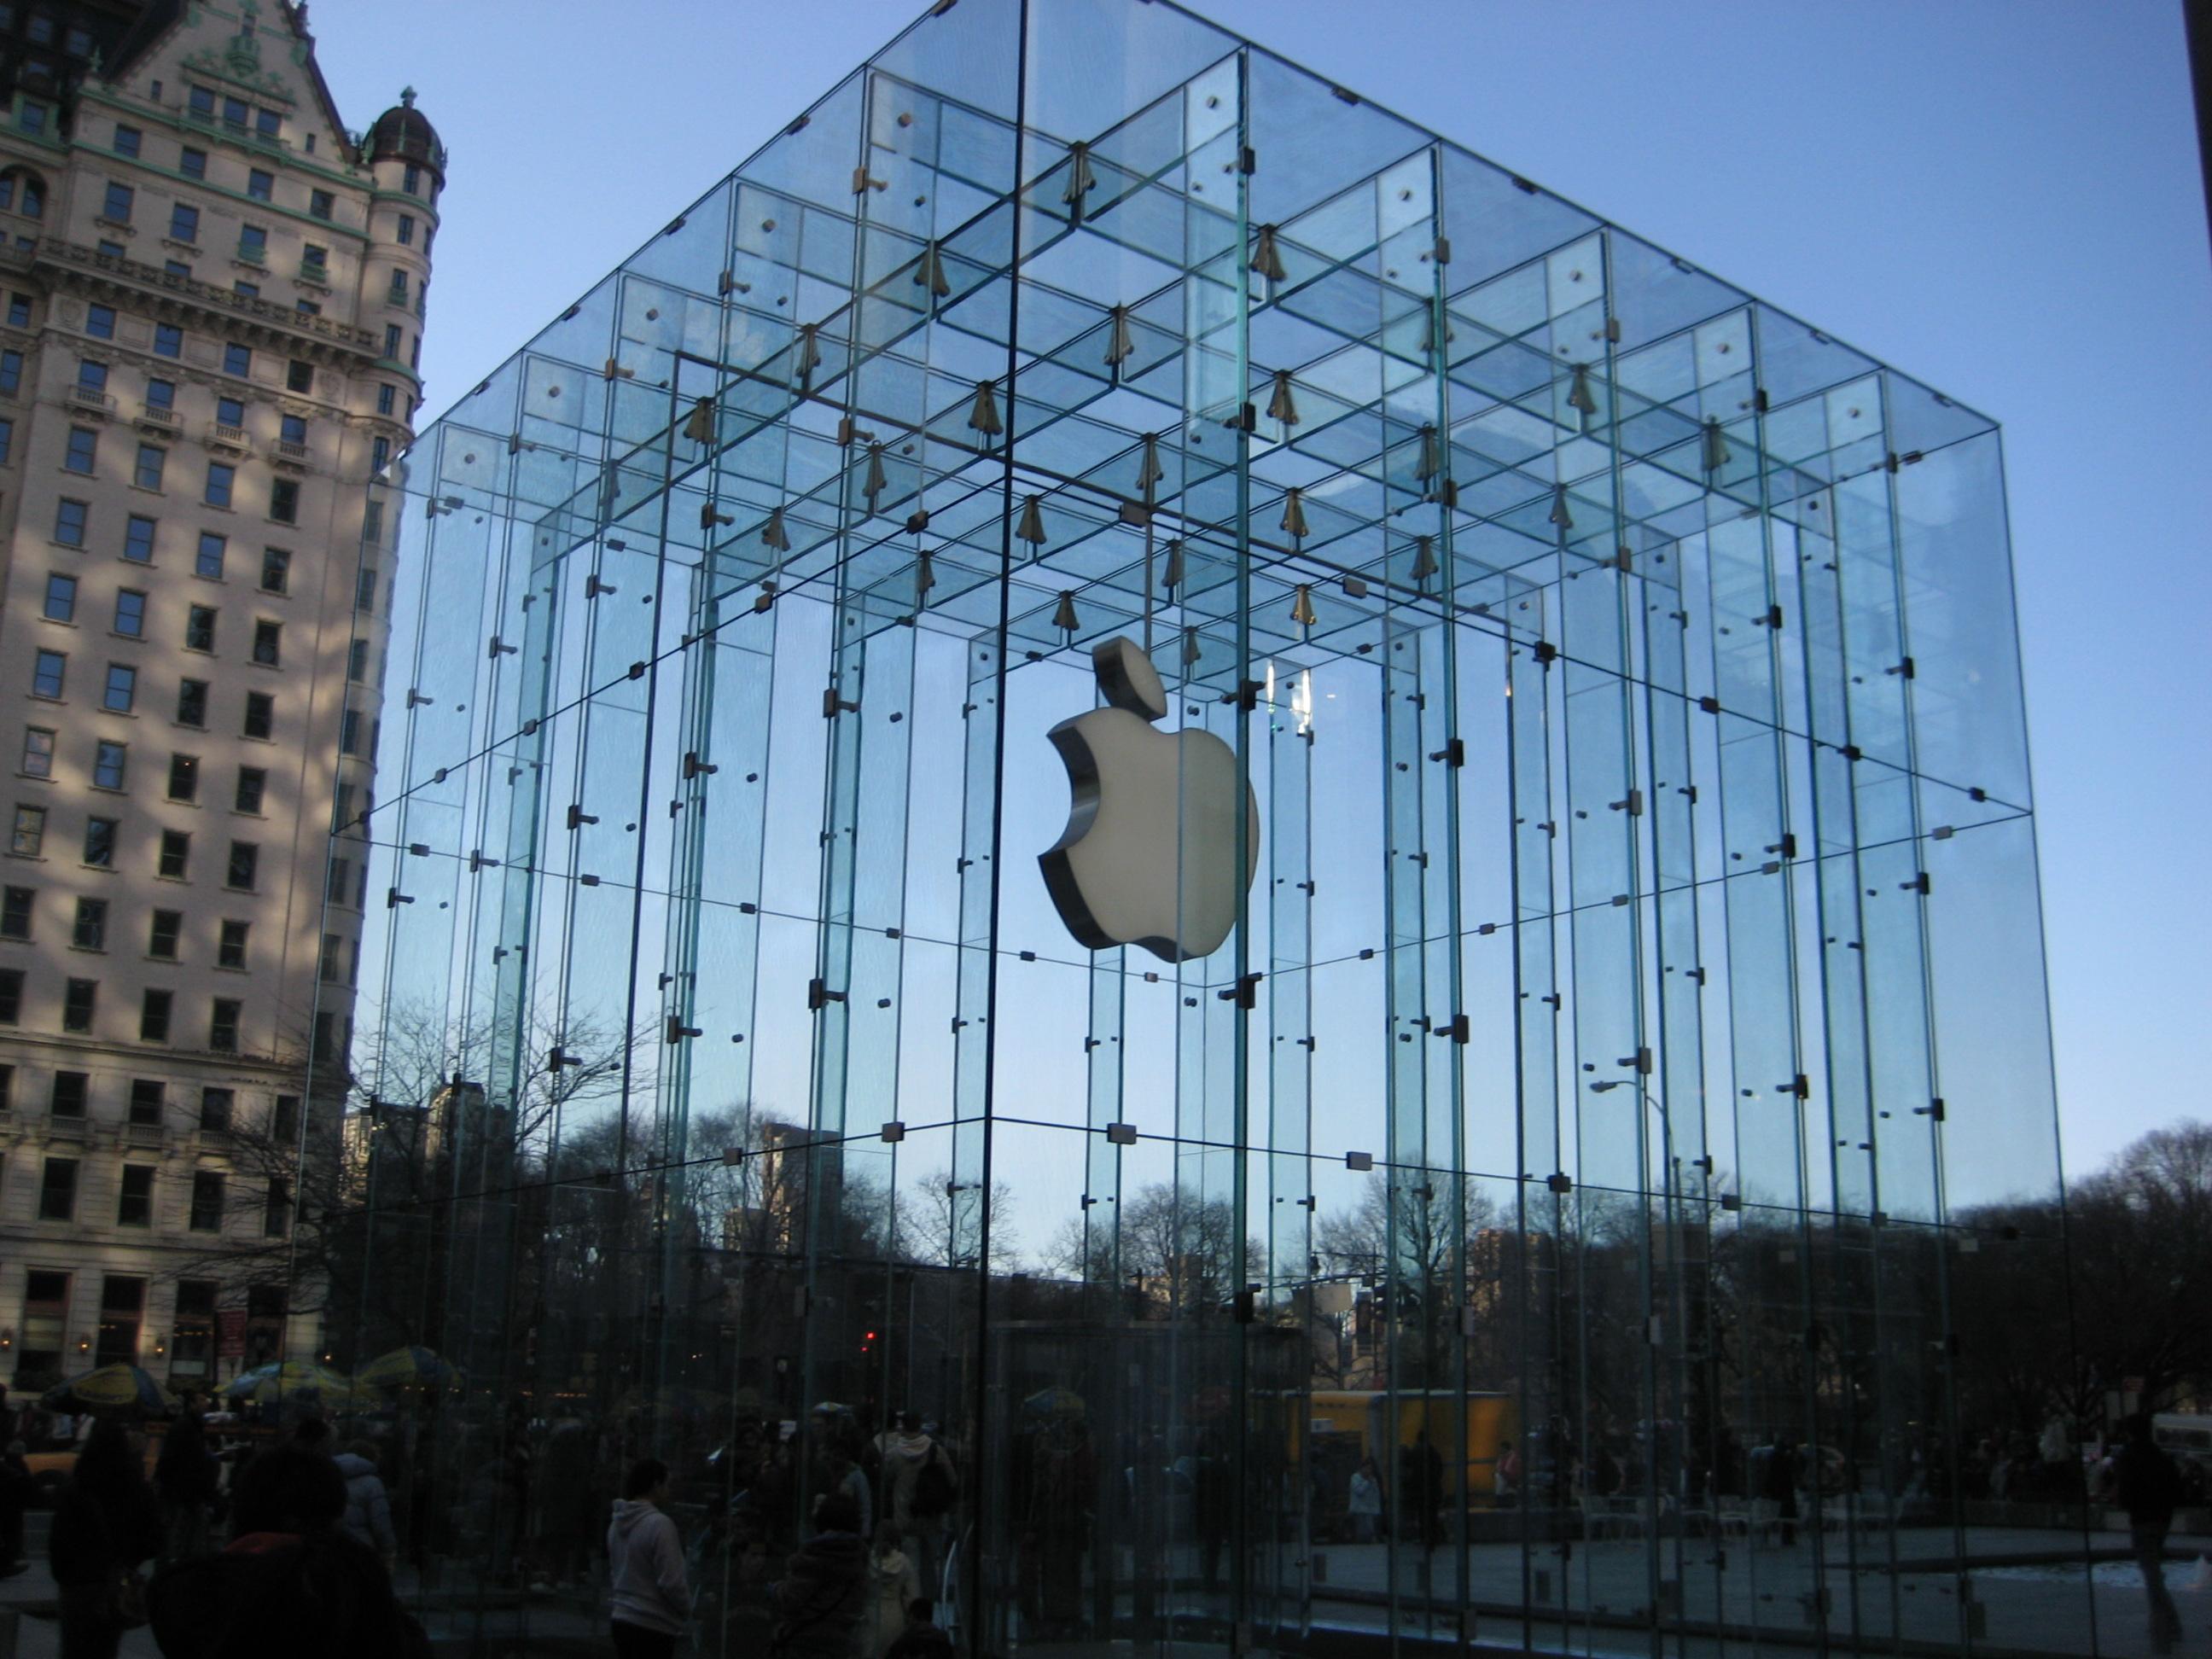 Ikonický Apple Store z 5th Avenue v NY, Apple tú takmer na celú budovu použilo sklo! - svetapple.sk